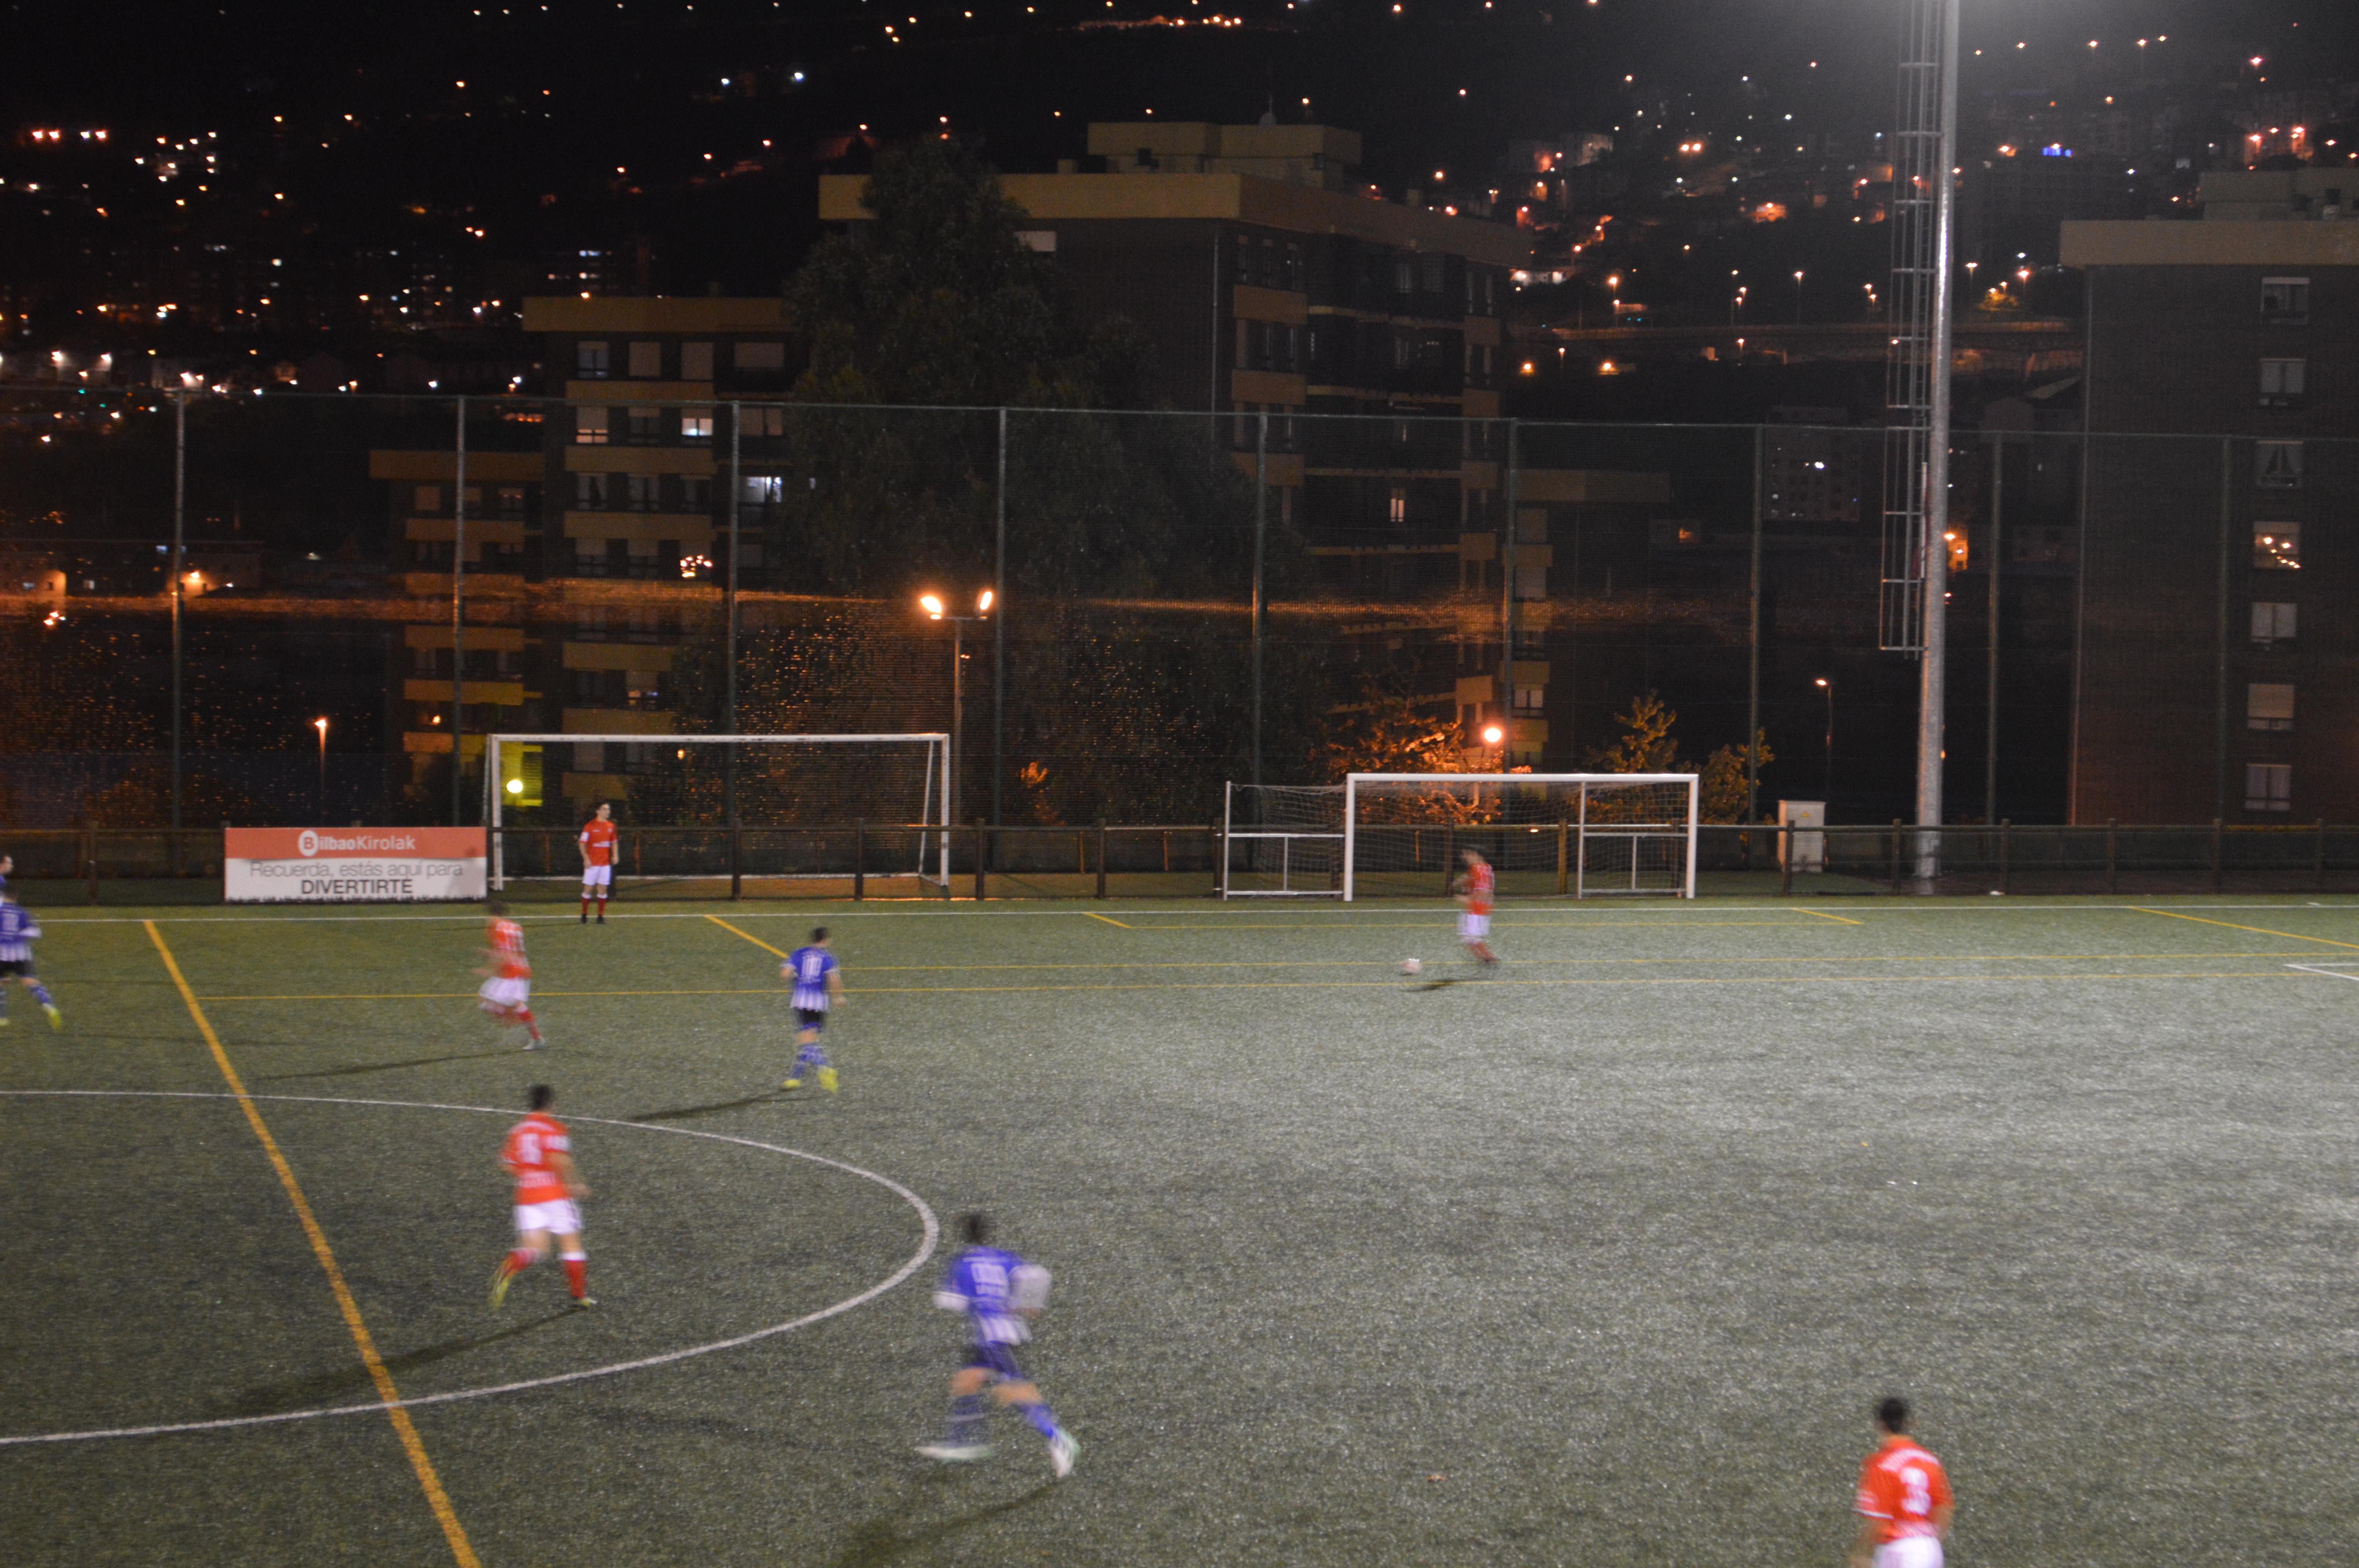 Basque Groundhopping SD Deusto Vs Amurrio Club 5th November 2017 Etxezuri Tercera División